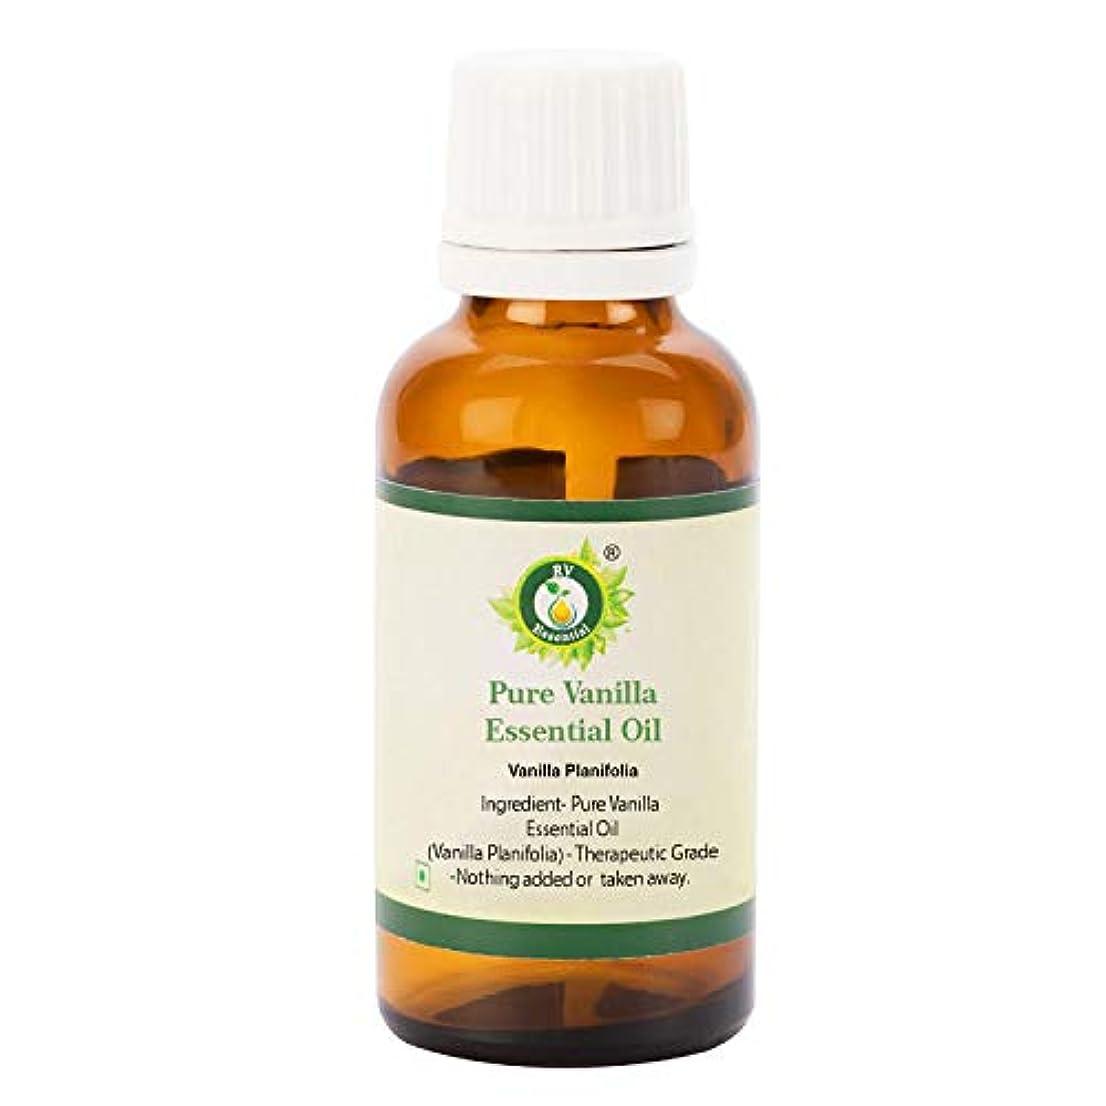 潤滑する明らか寸前R V Essential ピュアバニラエッセンシャルオイル100ml (3.38oz)- Vanilla Planifolia (100%純粋&天然) Pure Vanilla Essential Oil